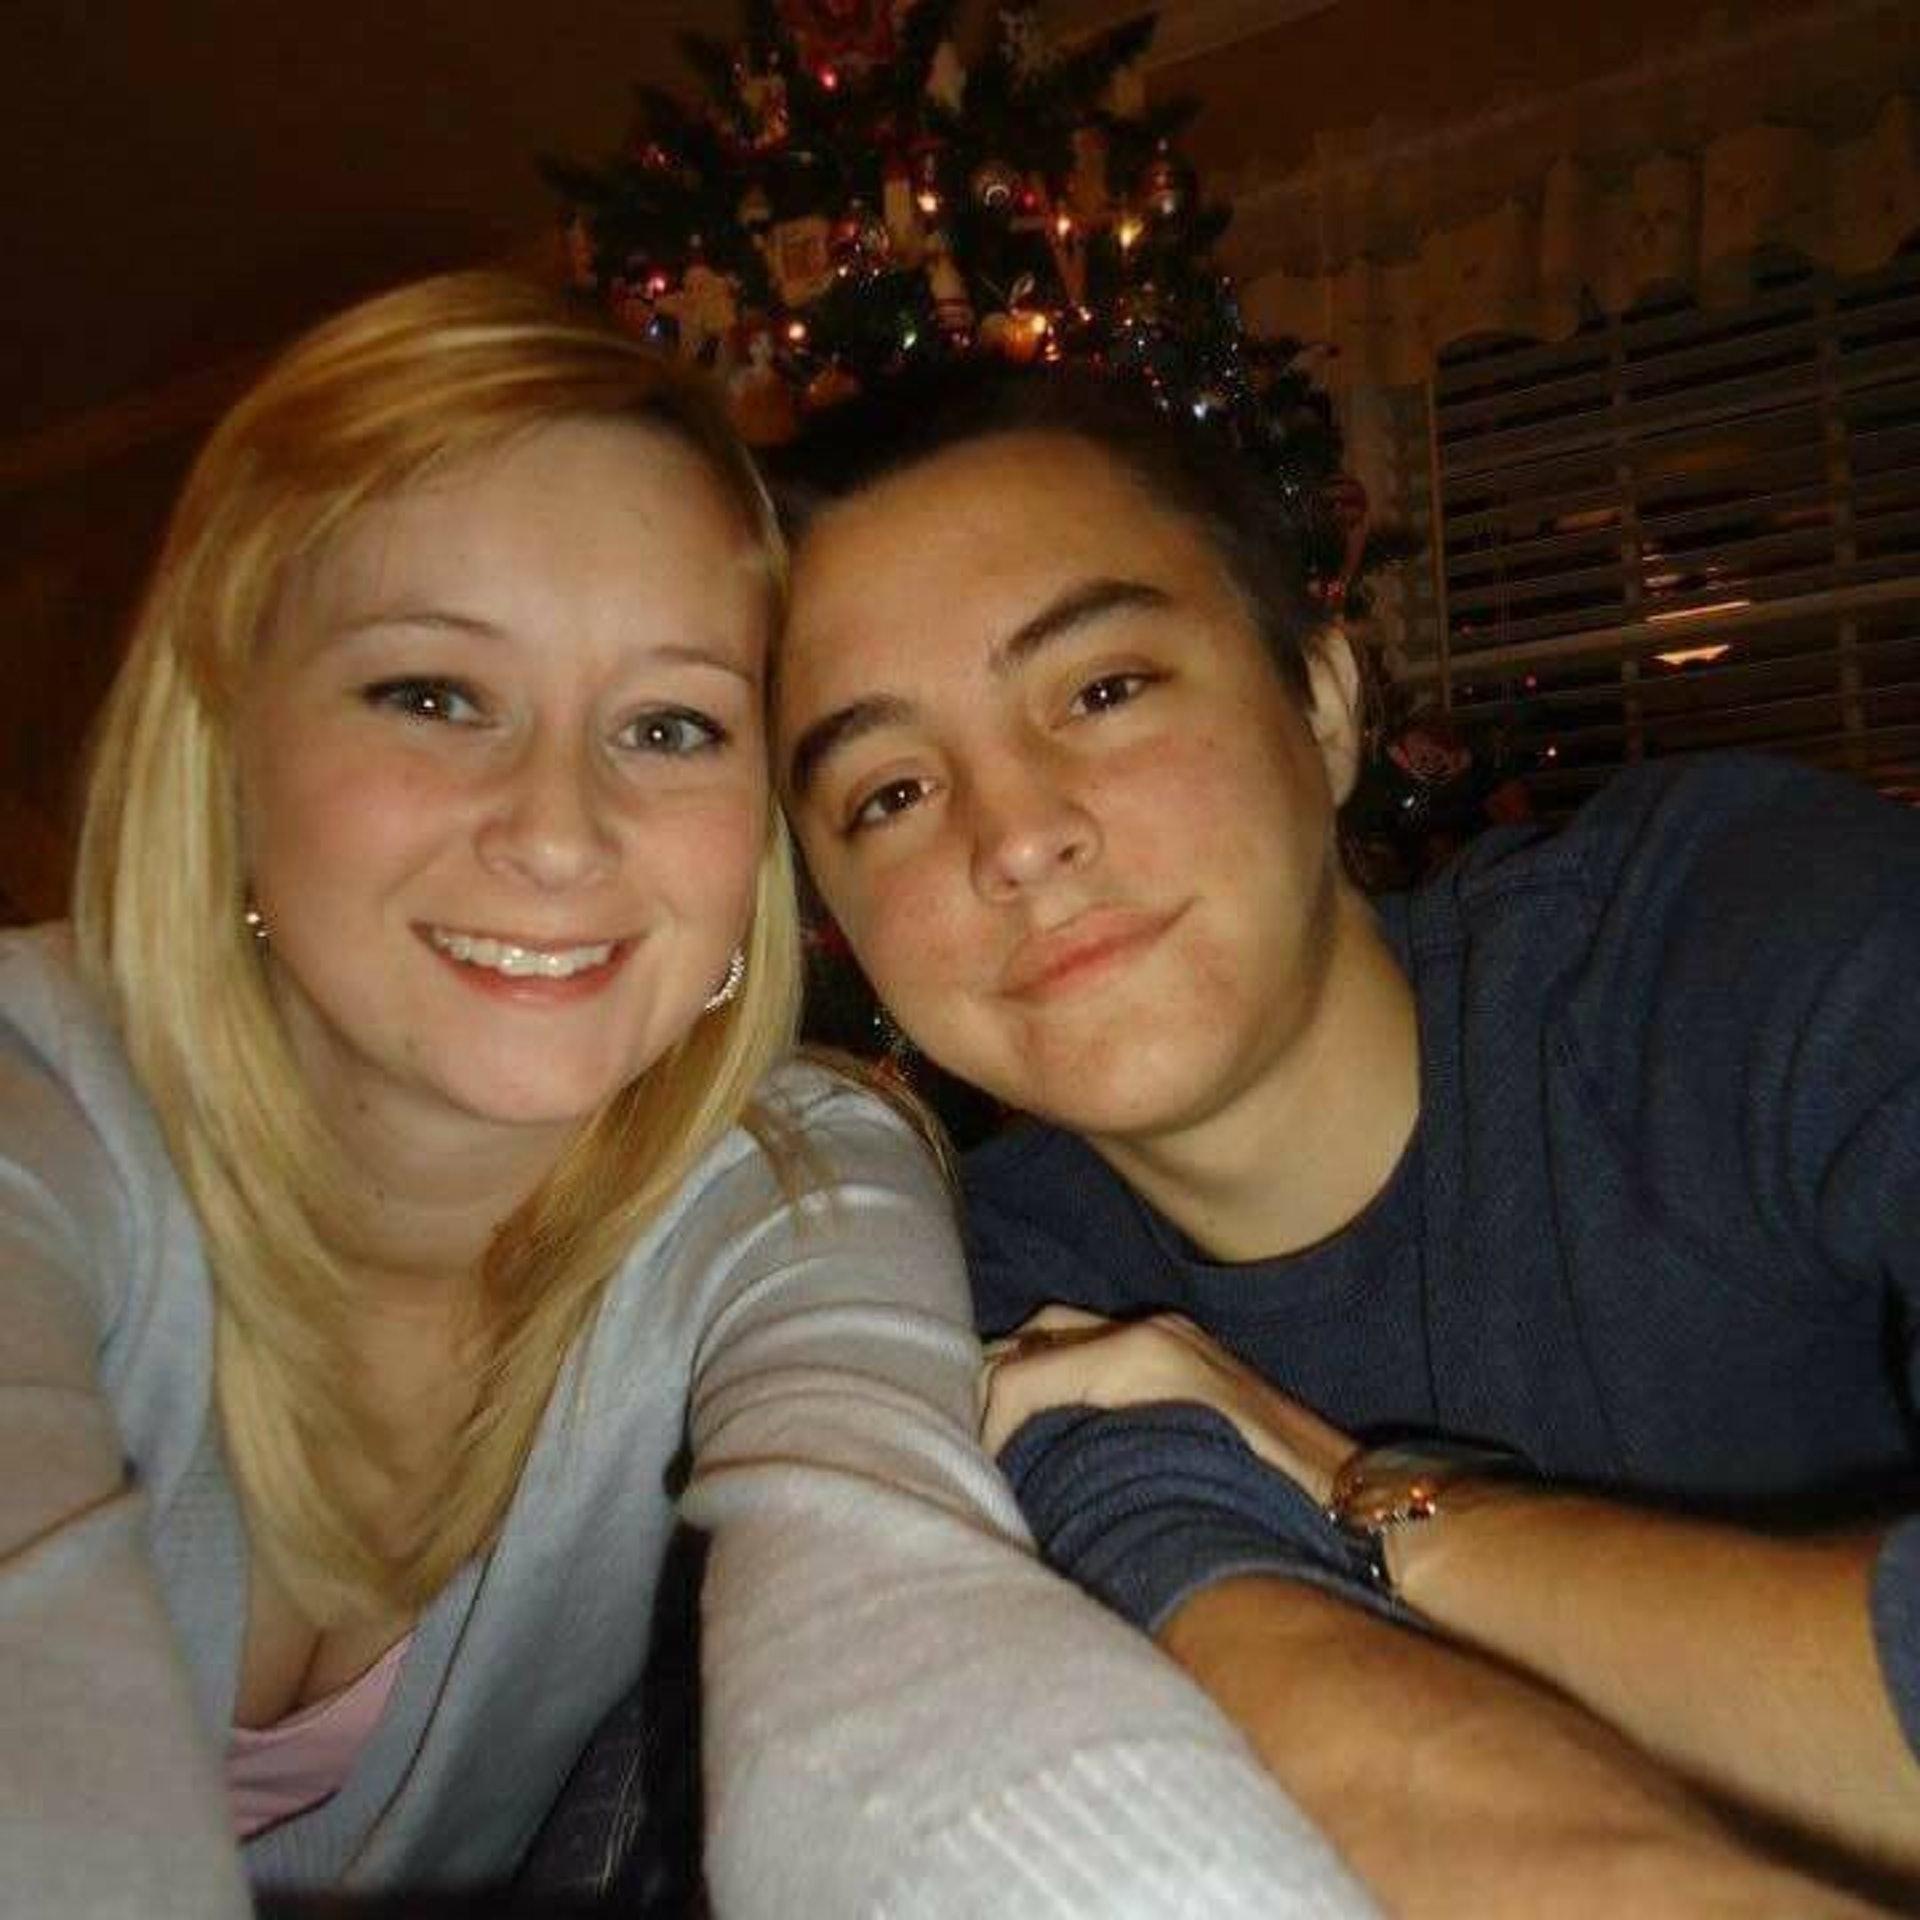 凱蒂(Katie Prager)和道爾頓(Dalton Prager)均患上「囊腫性纖維症」,相遇後幾乎立即墮入愛河,最終結成夫婦,在2016年相隔5天先後病逝。(facebook「Dalton and Katie Prager's Transplant Page」圖片)